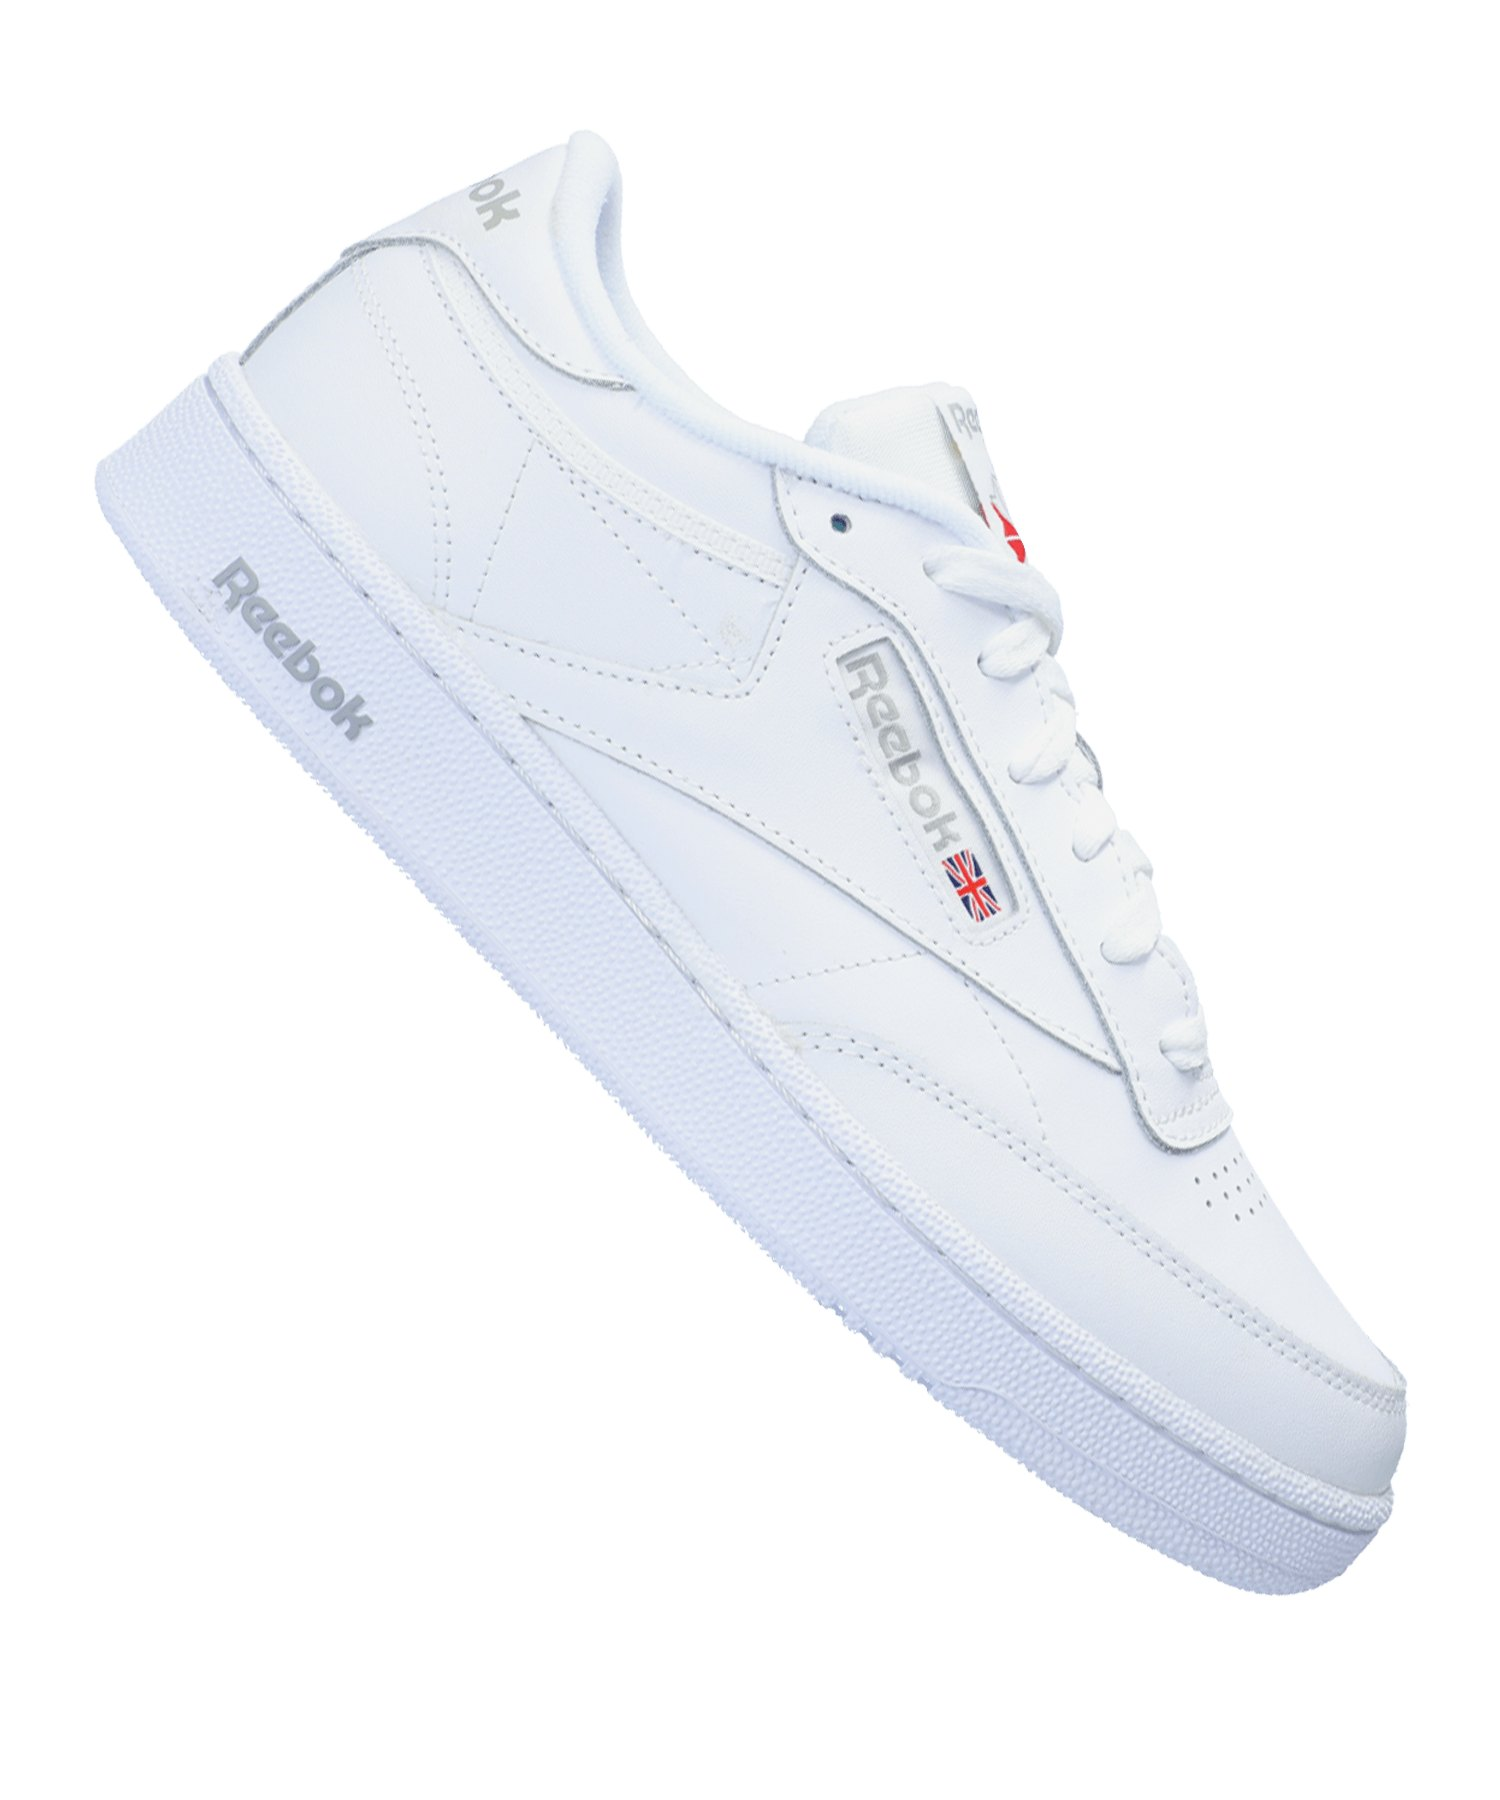 Reebok Club C 85 Sneaker Weiss Grau - weiss